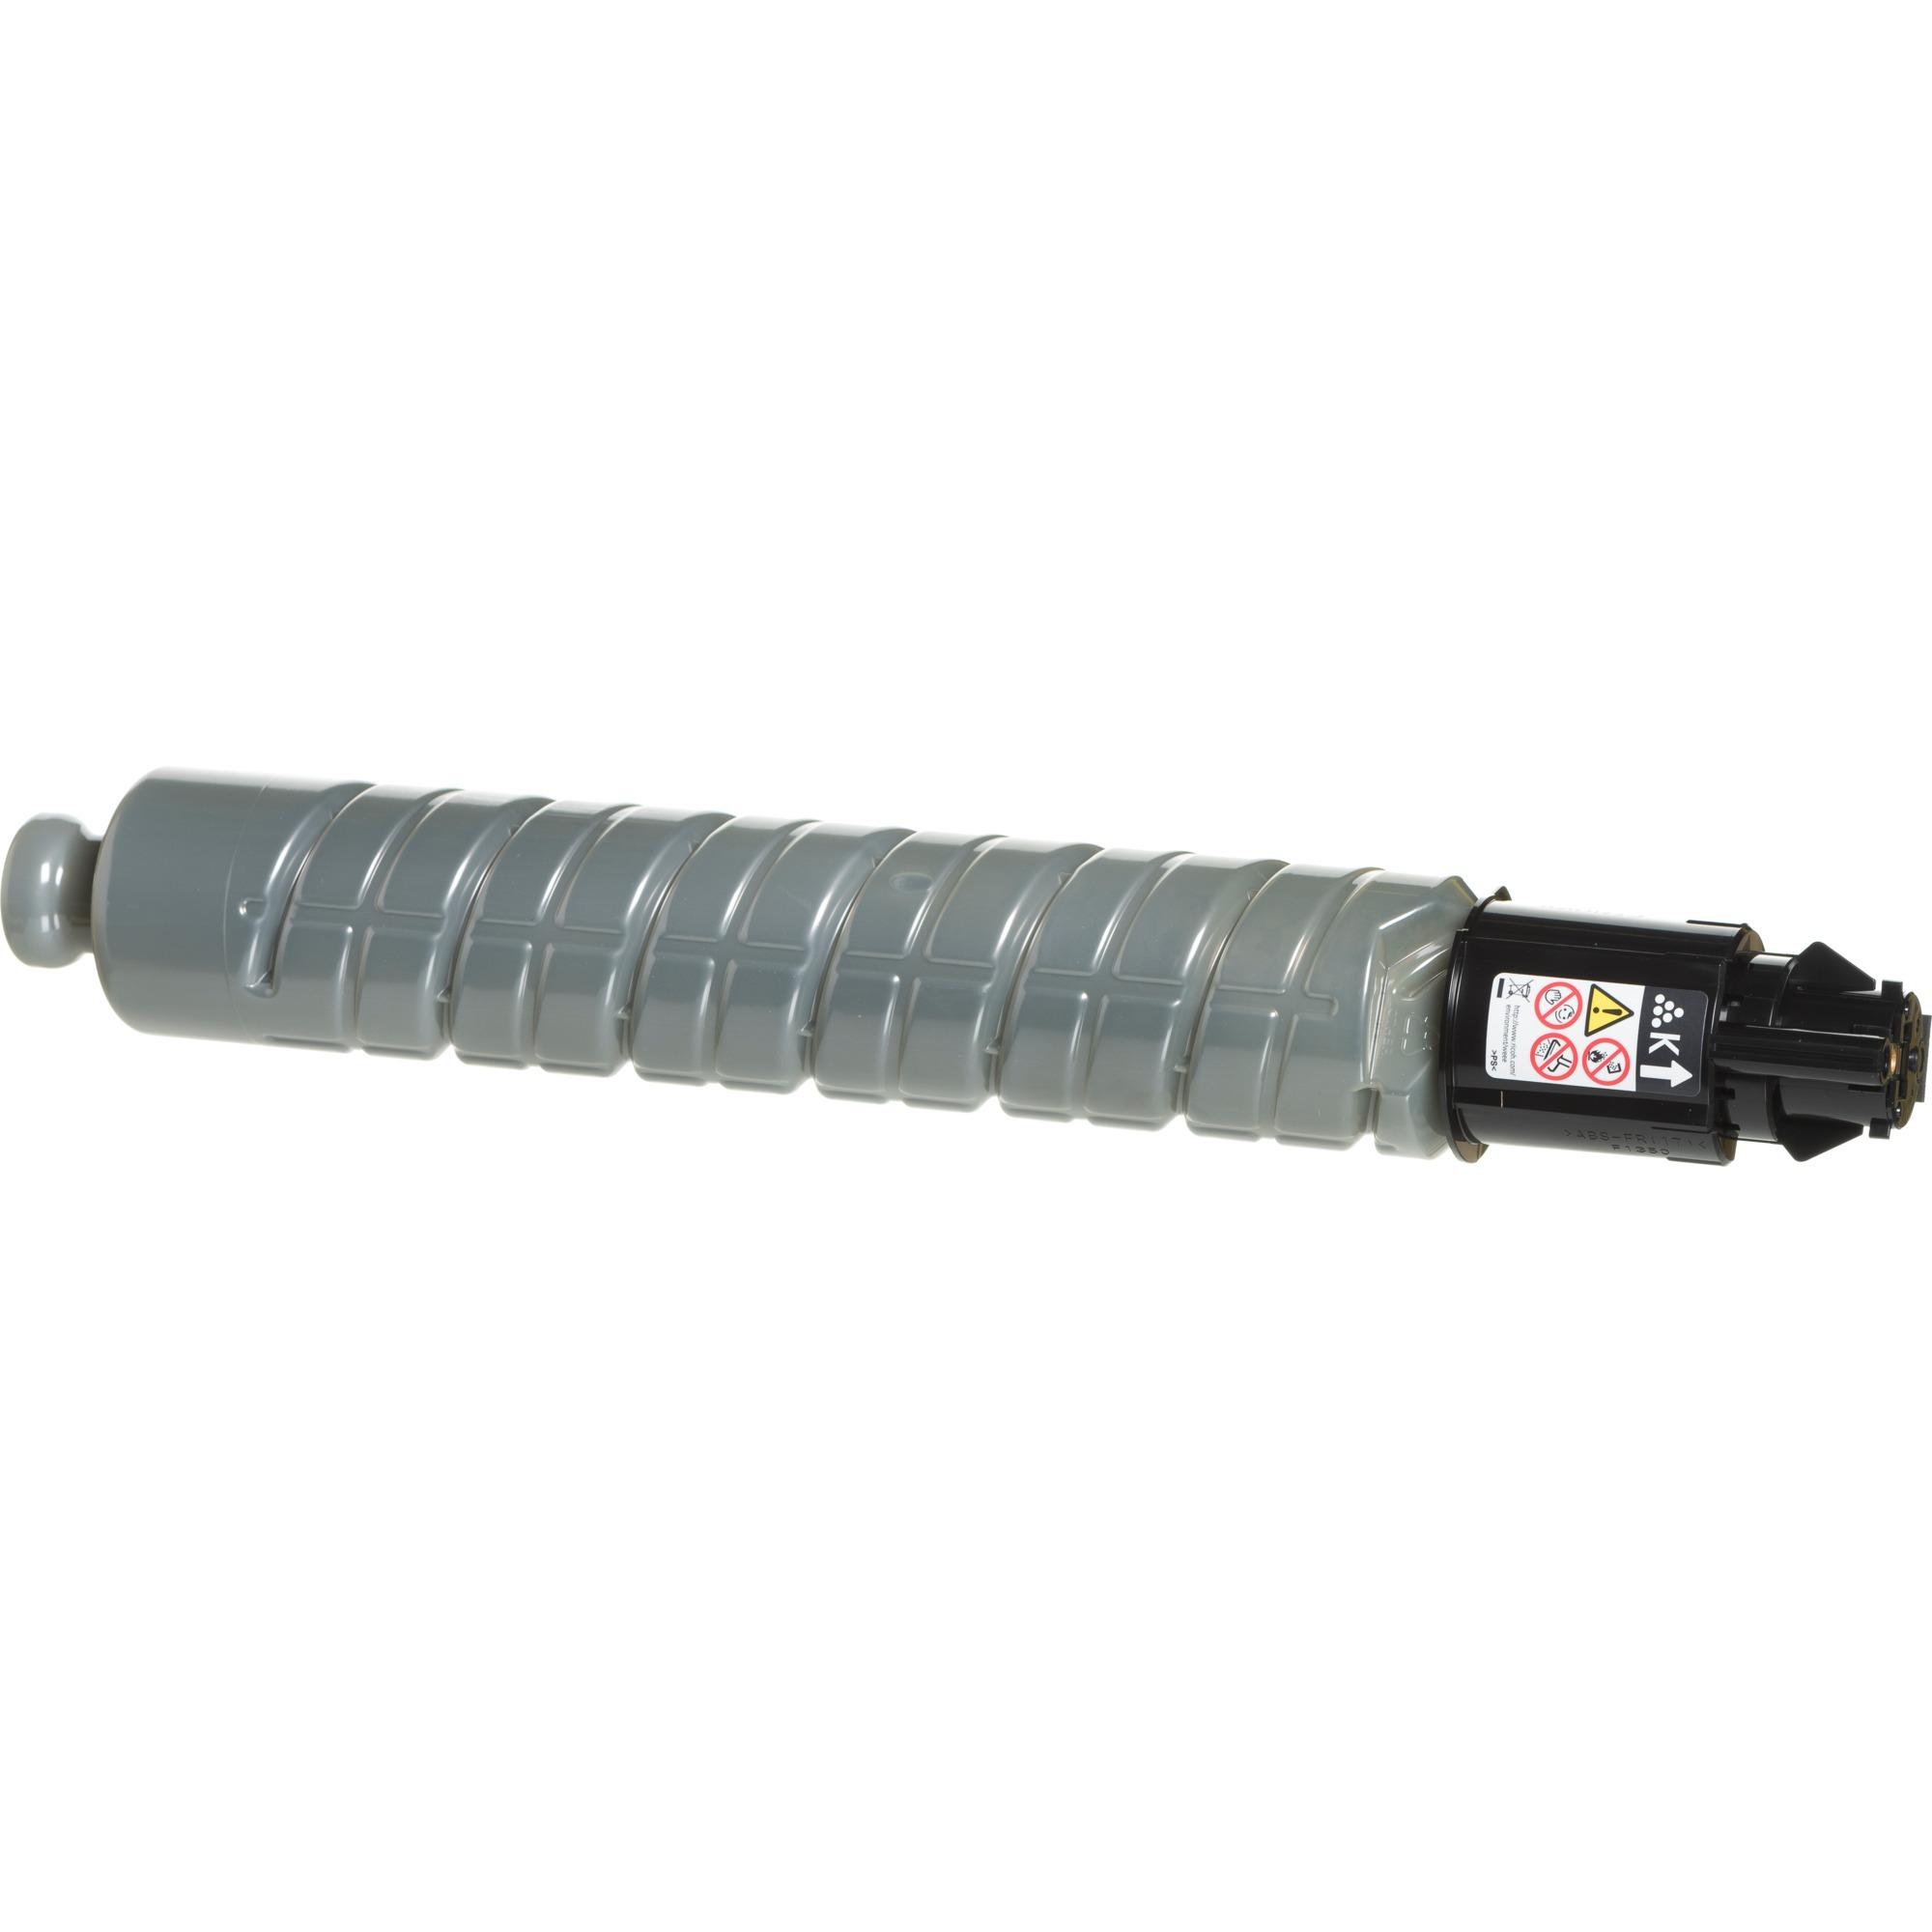 841618 Cartouche 12000pages Noir cartouche toner et laser